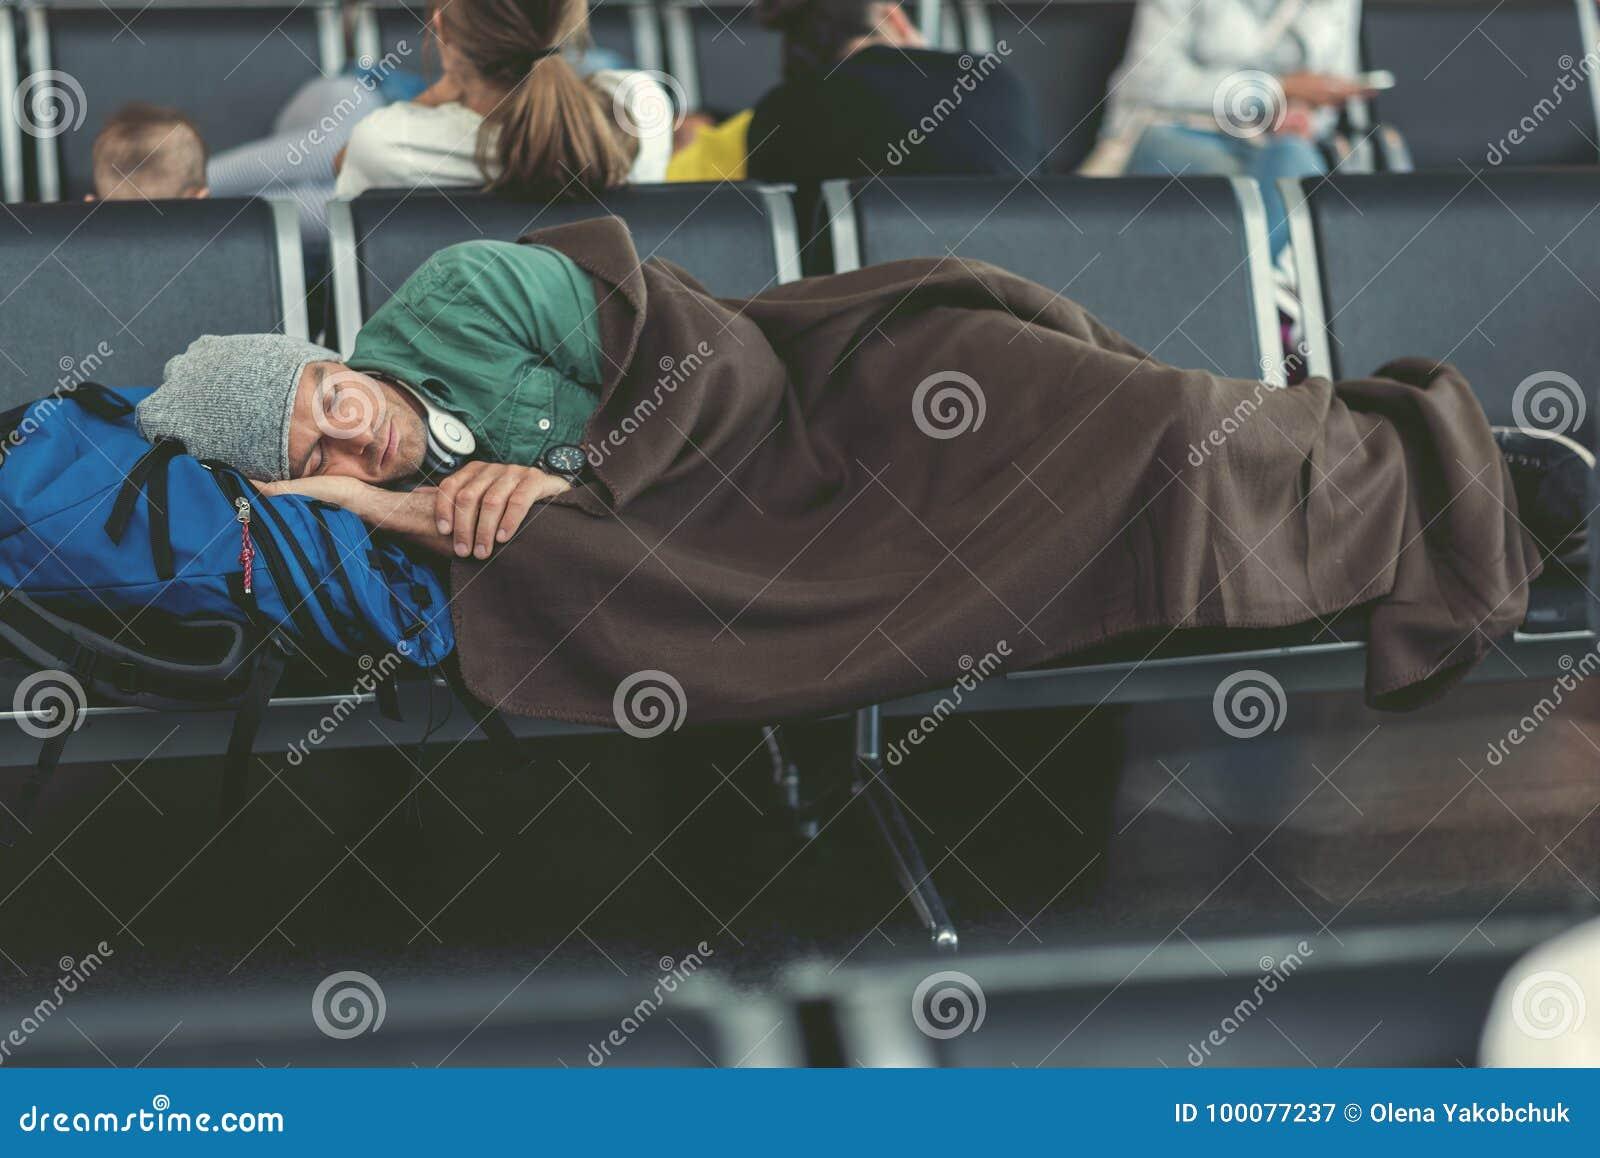 Zmęczony facet śpi w lotniskowym holu